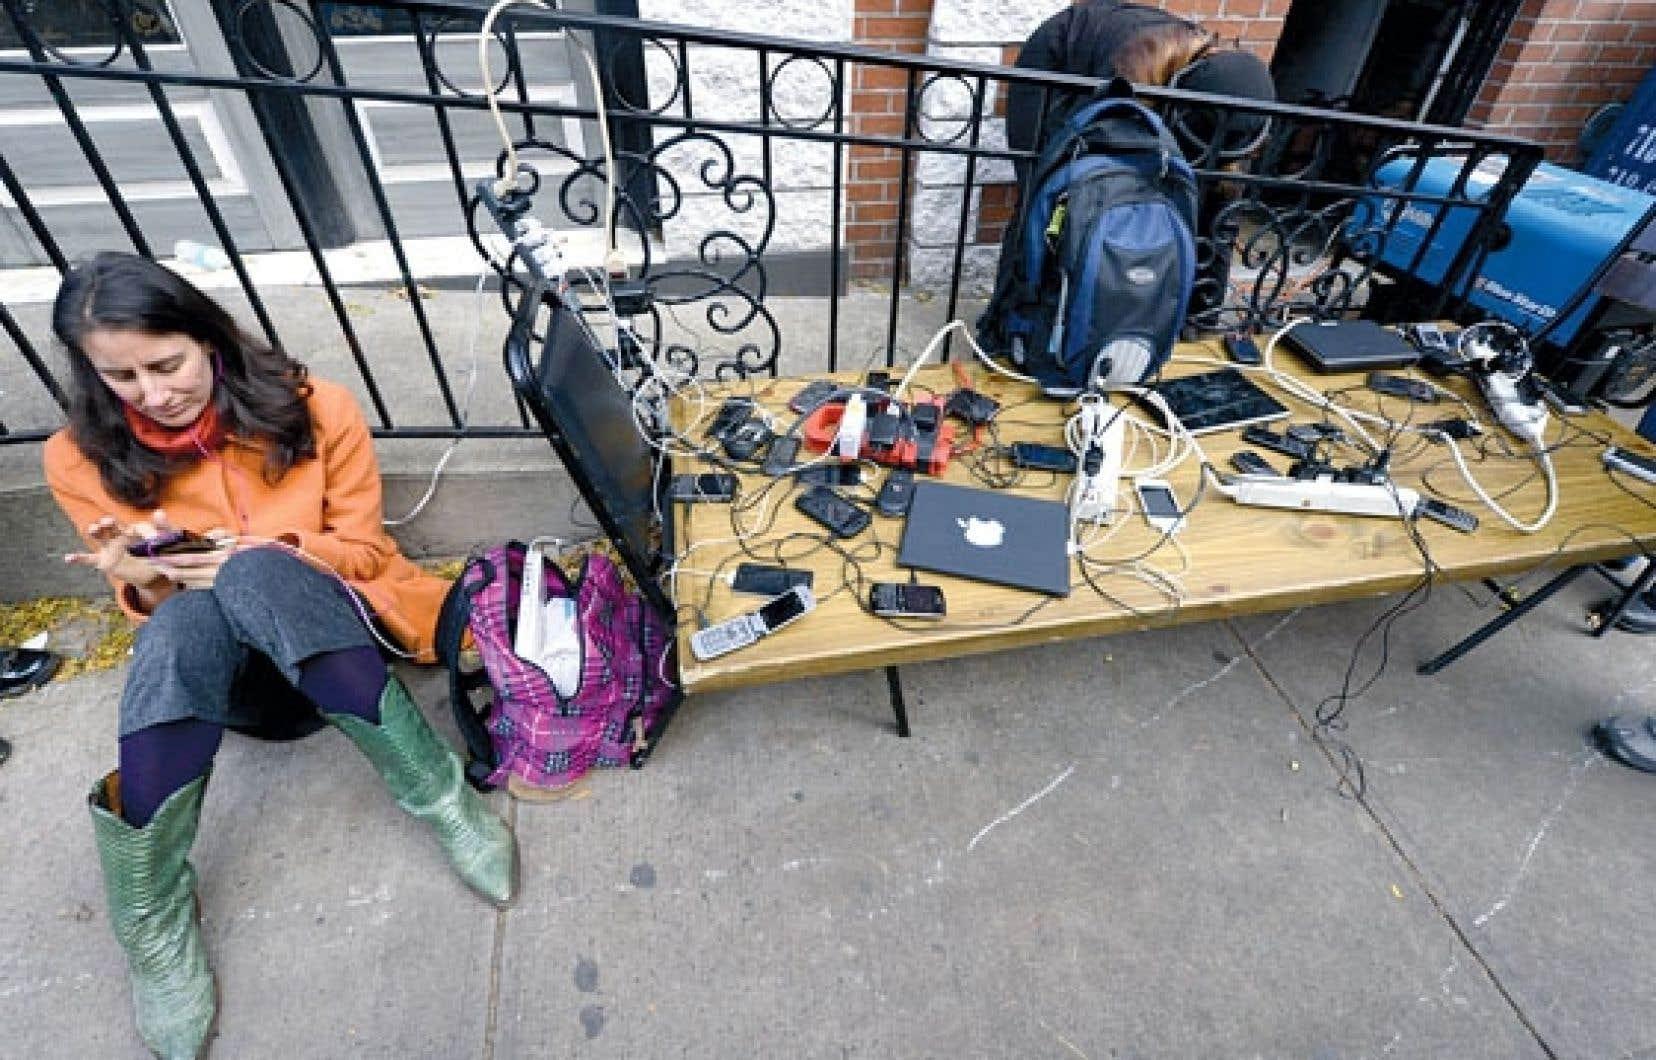 Panne d'électricité oblige, les New-Yorkais doivent se rabattre sur des générateurs pour recharger leurs ordinateurs et leurs téléphones portables.